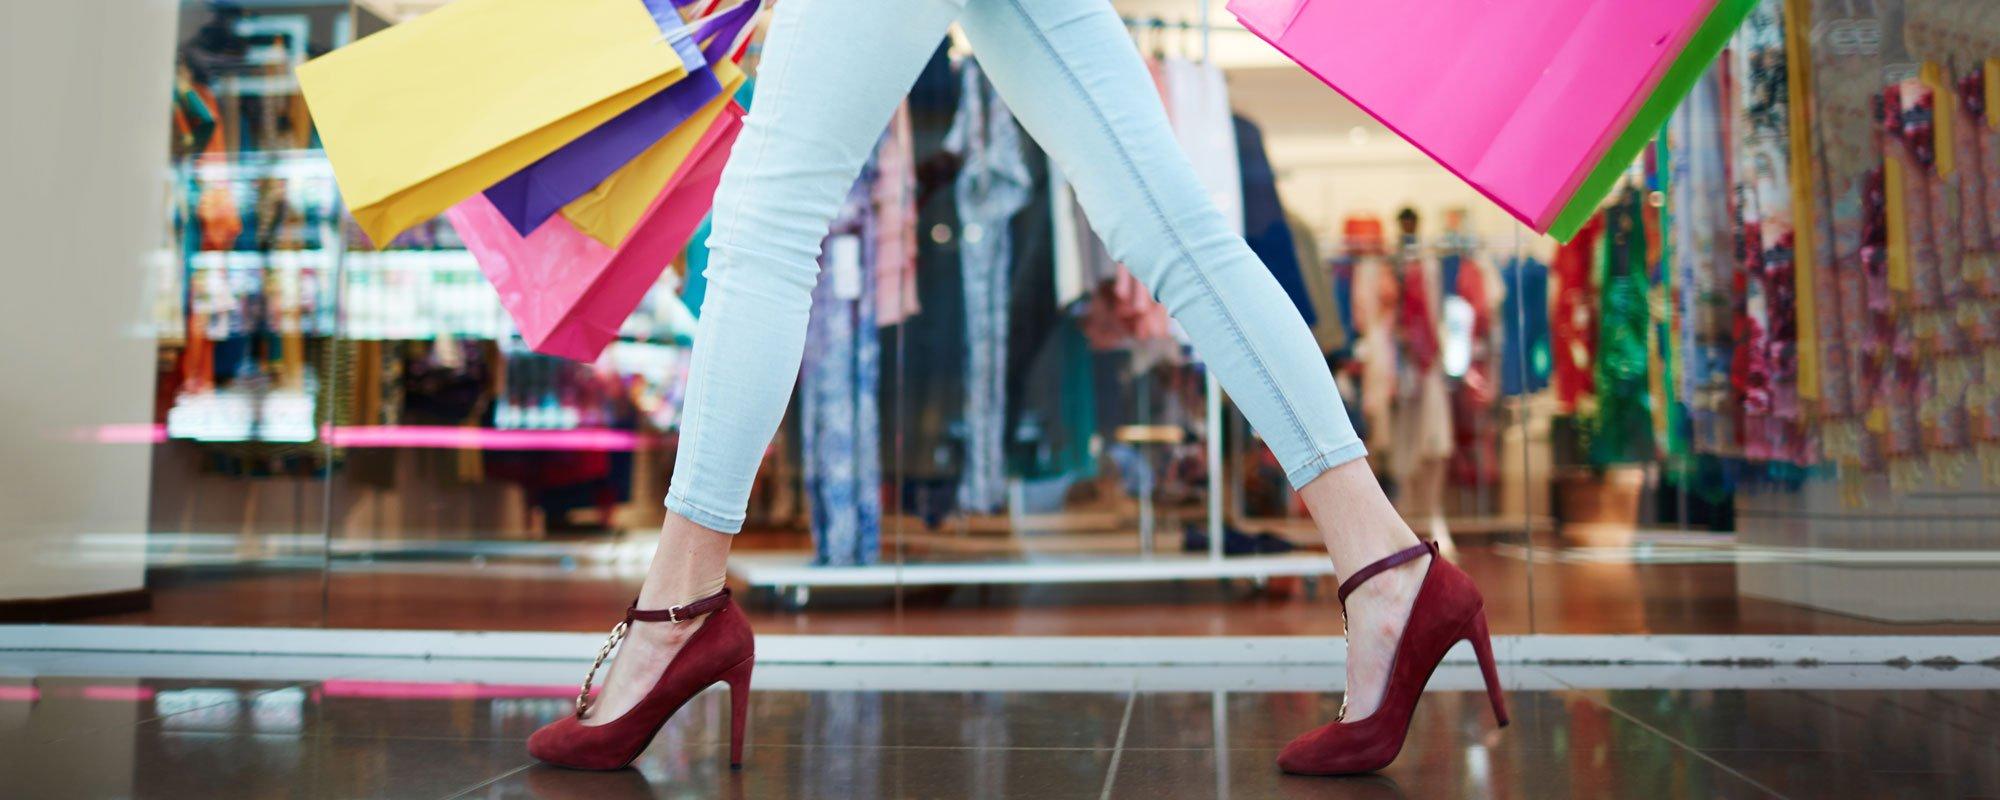 shopping-legs-bags-main-head